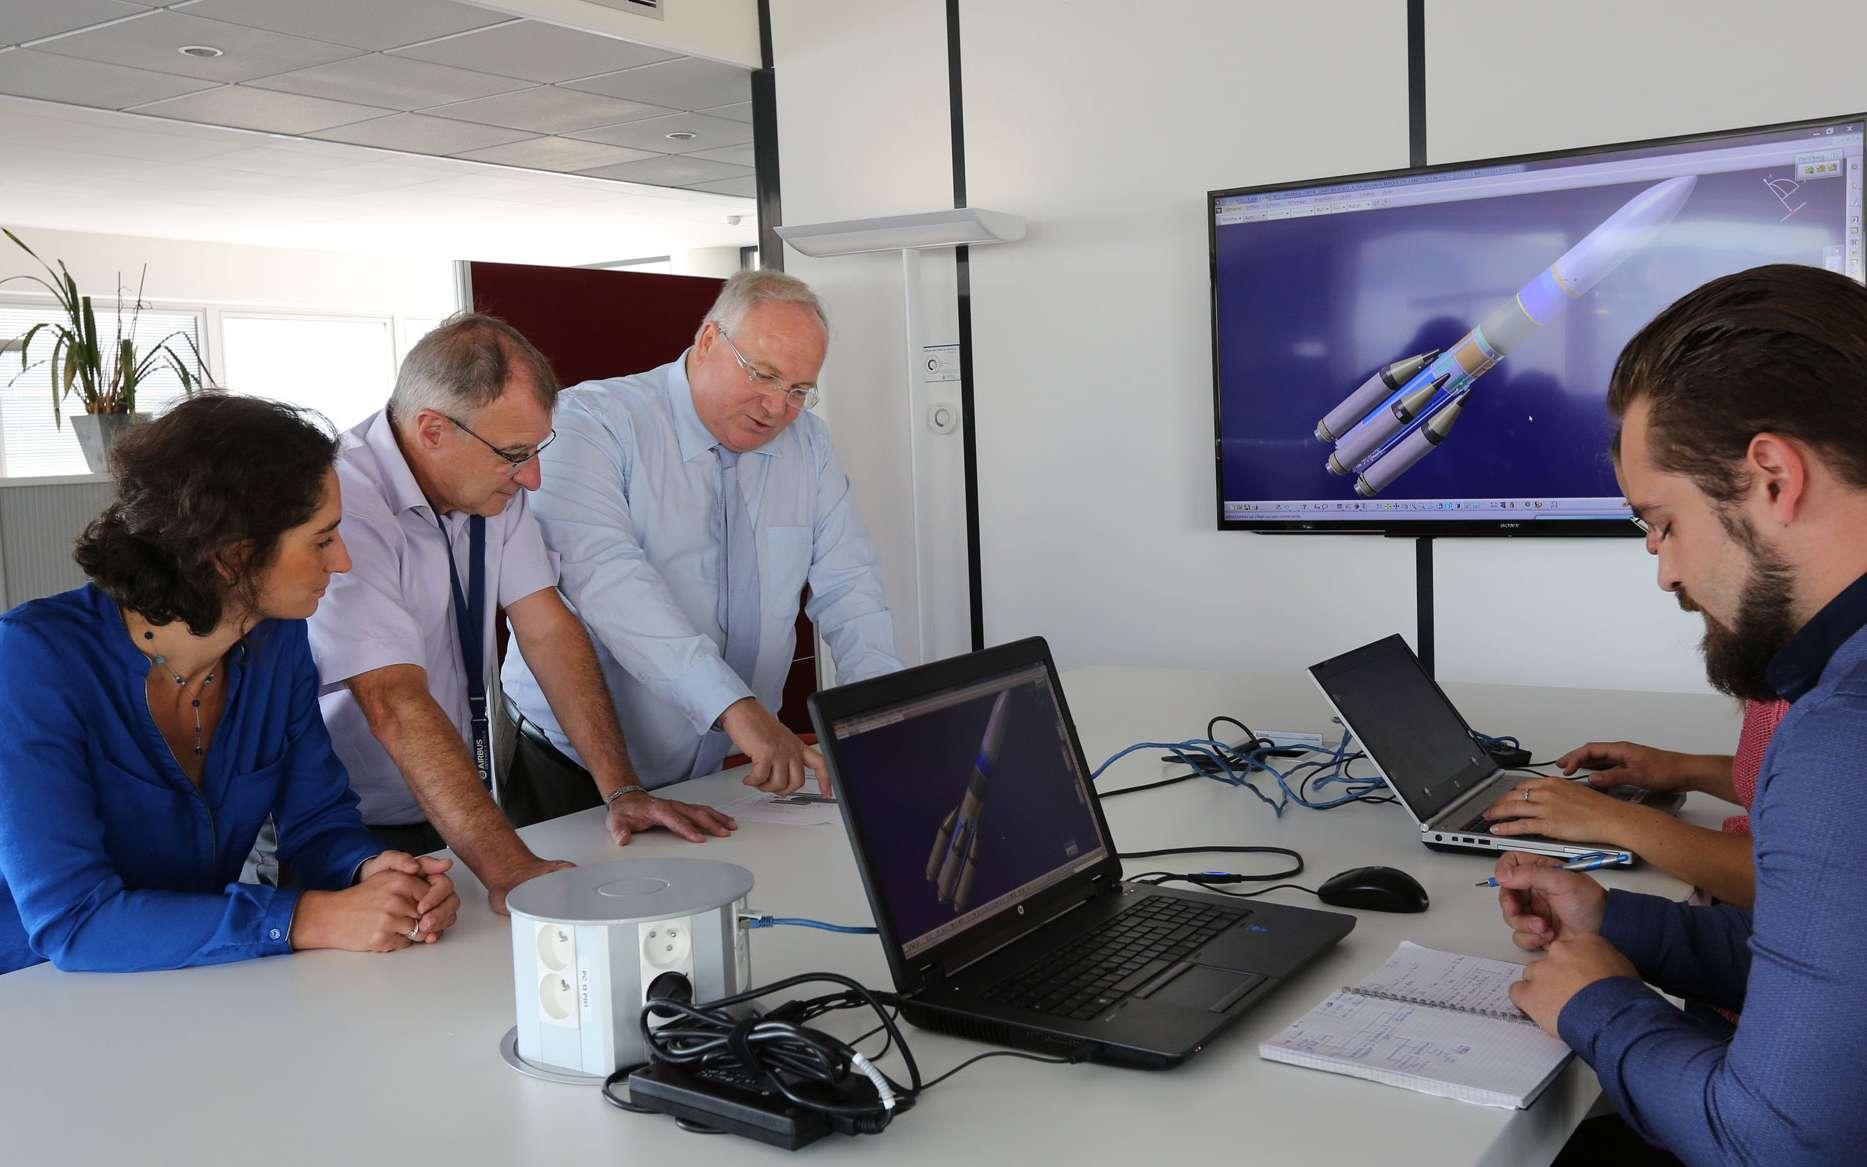 Ariane 6 est un lanceur à deux étages équipé de deux ou quatre boosters. Sa commercialisation doit débuter à la fin de cette année, avec des tarifs inférieurs à ceux d'Ariane 5. L'Ariane 62 (c'est-à-dire à deux boosters) est destinée aux lancements institutionnels. L'Ariane 64 (4 boosters, donc) aura une capacité double et pourra placer 10,5 tonnes en orbite de transfert géostationnaire. © Marie-Sophie Letdurcq, Airbus Defence and Space / Airbus Safran Launchers